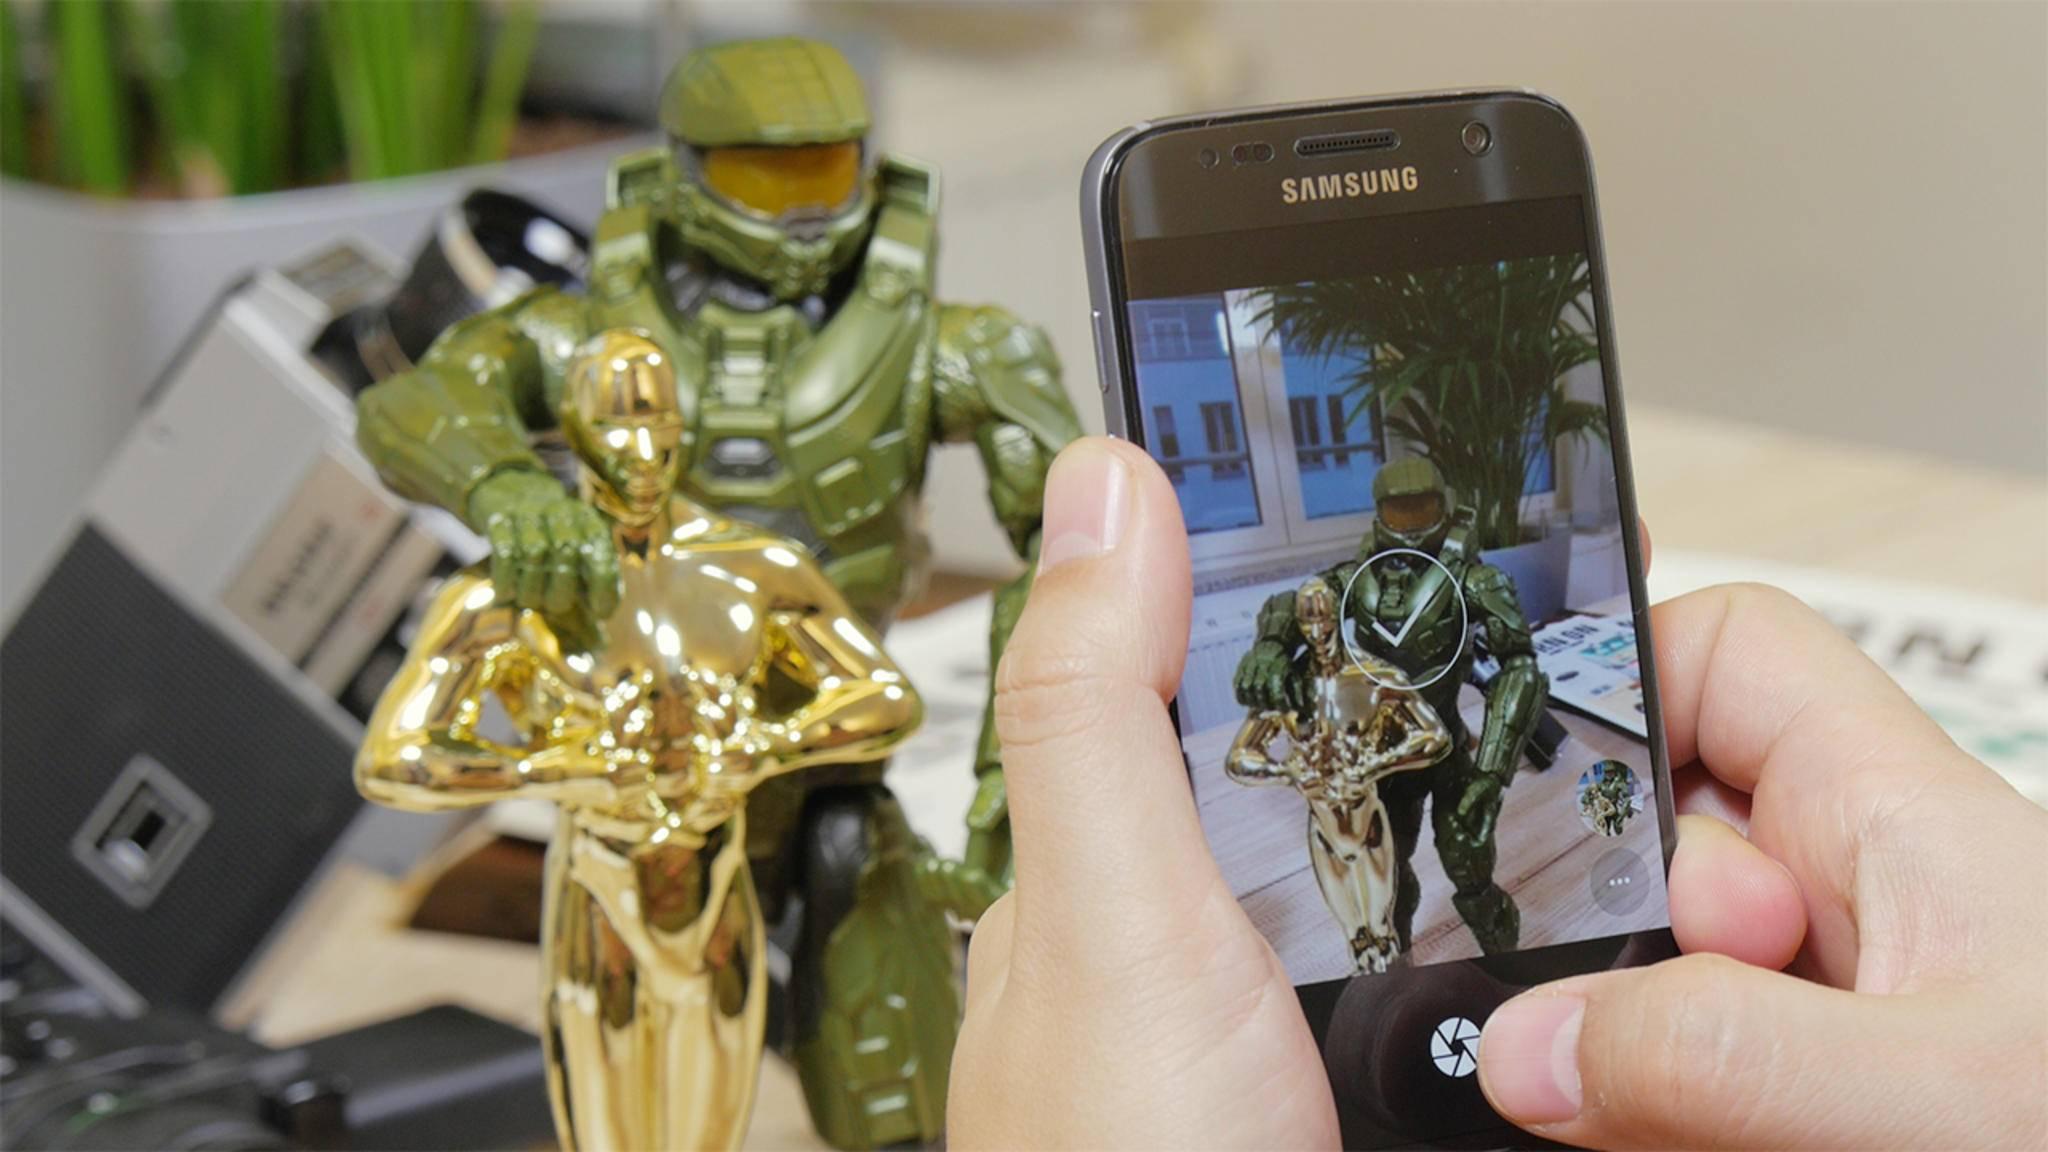 Du brauchst keine Dual-Kamera wie beim iPhone 7 Plus, um Porträtotos mit Unschärfeeffekt aufnehmen zu können.